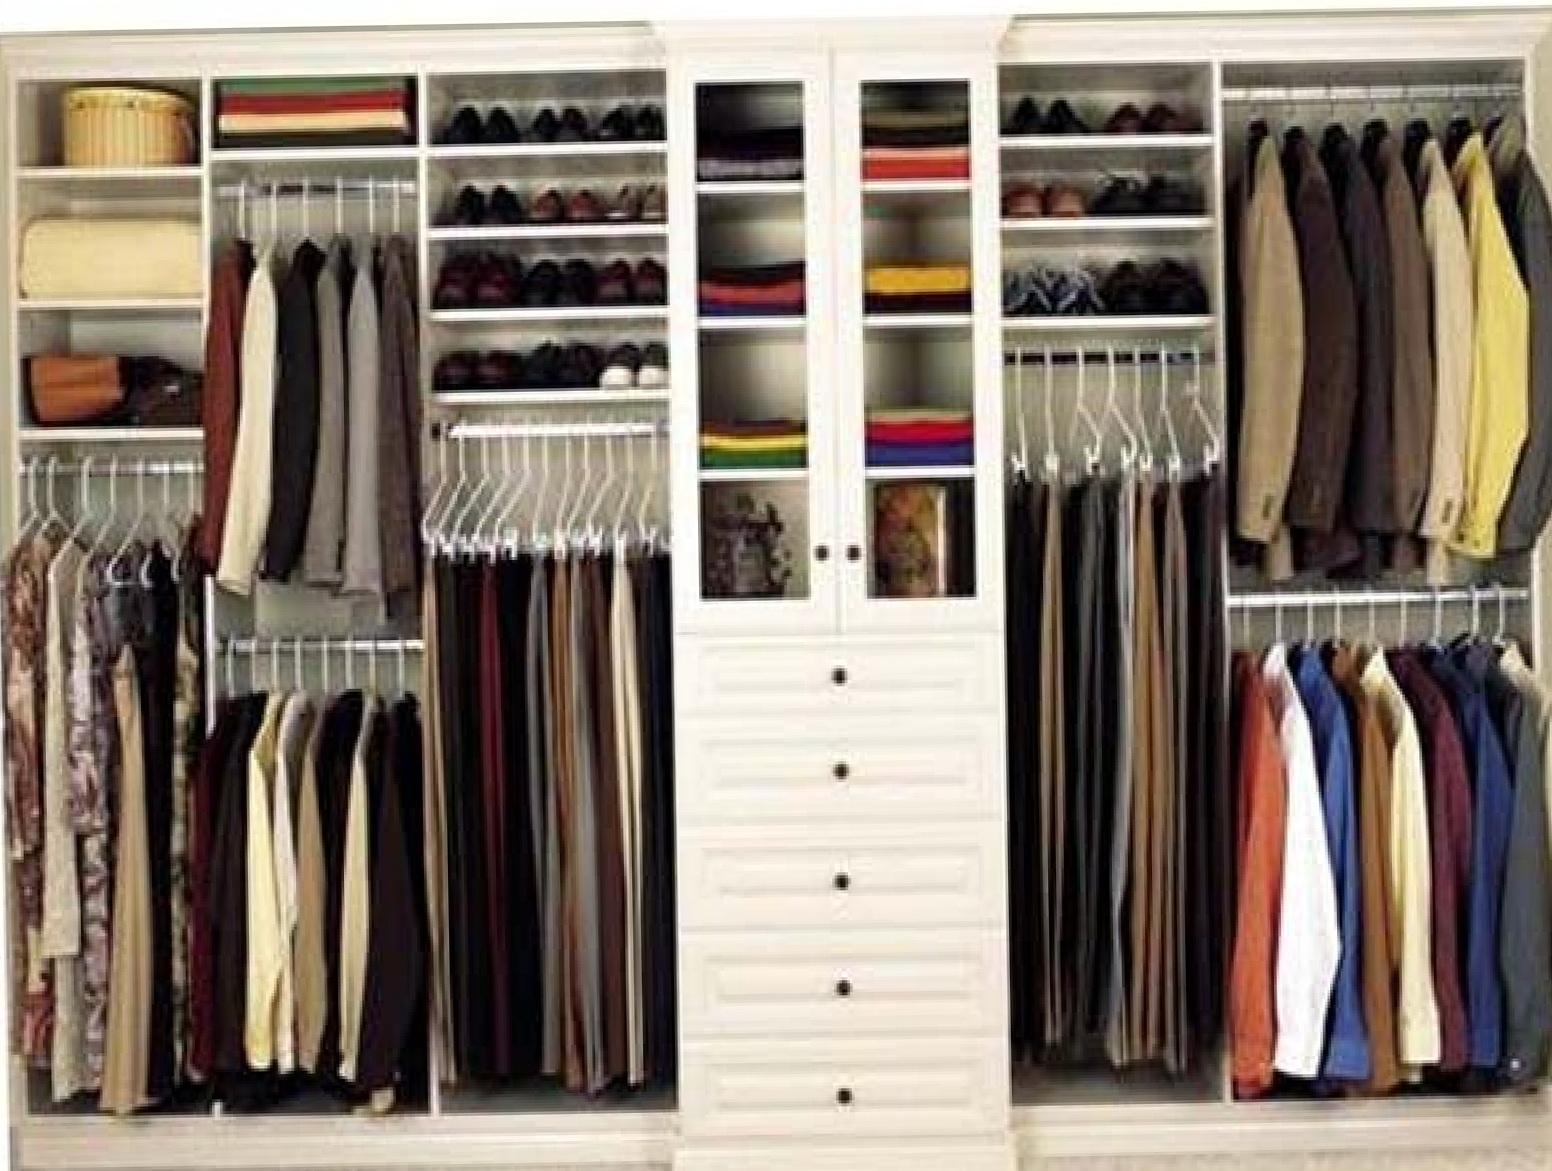 Ikea Closet Organization Ideas Home Design Ideas